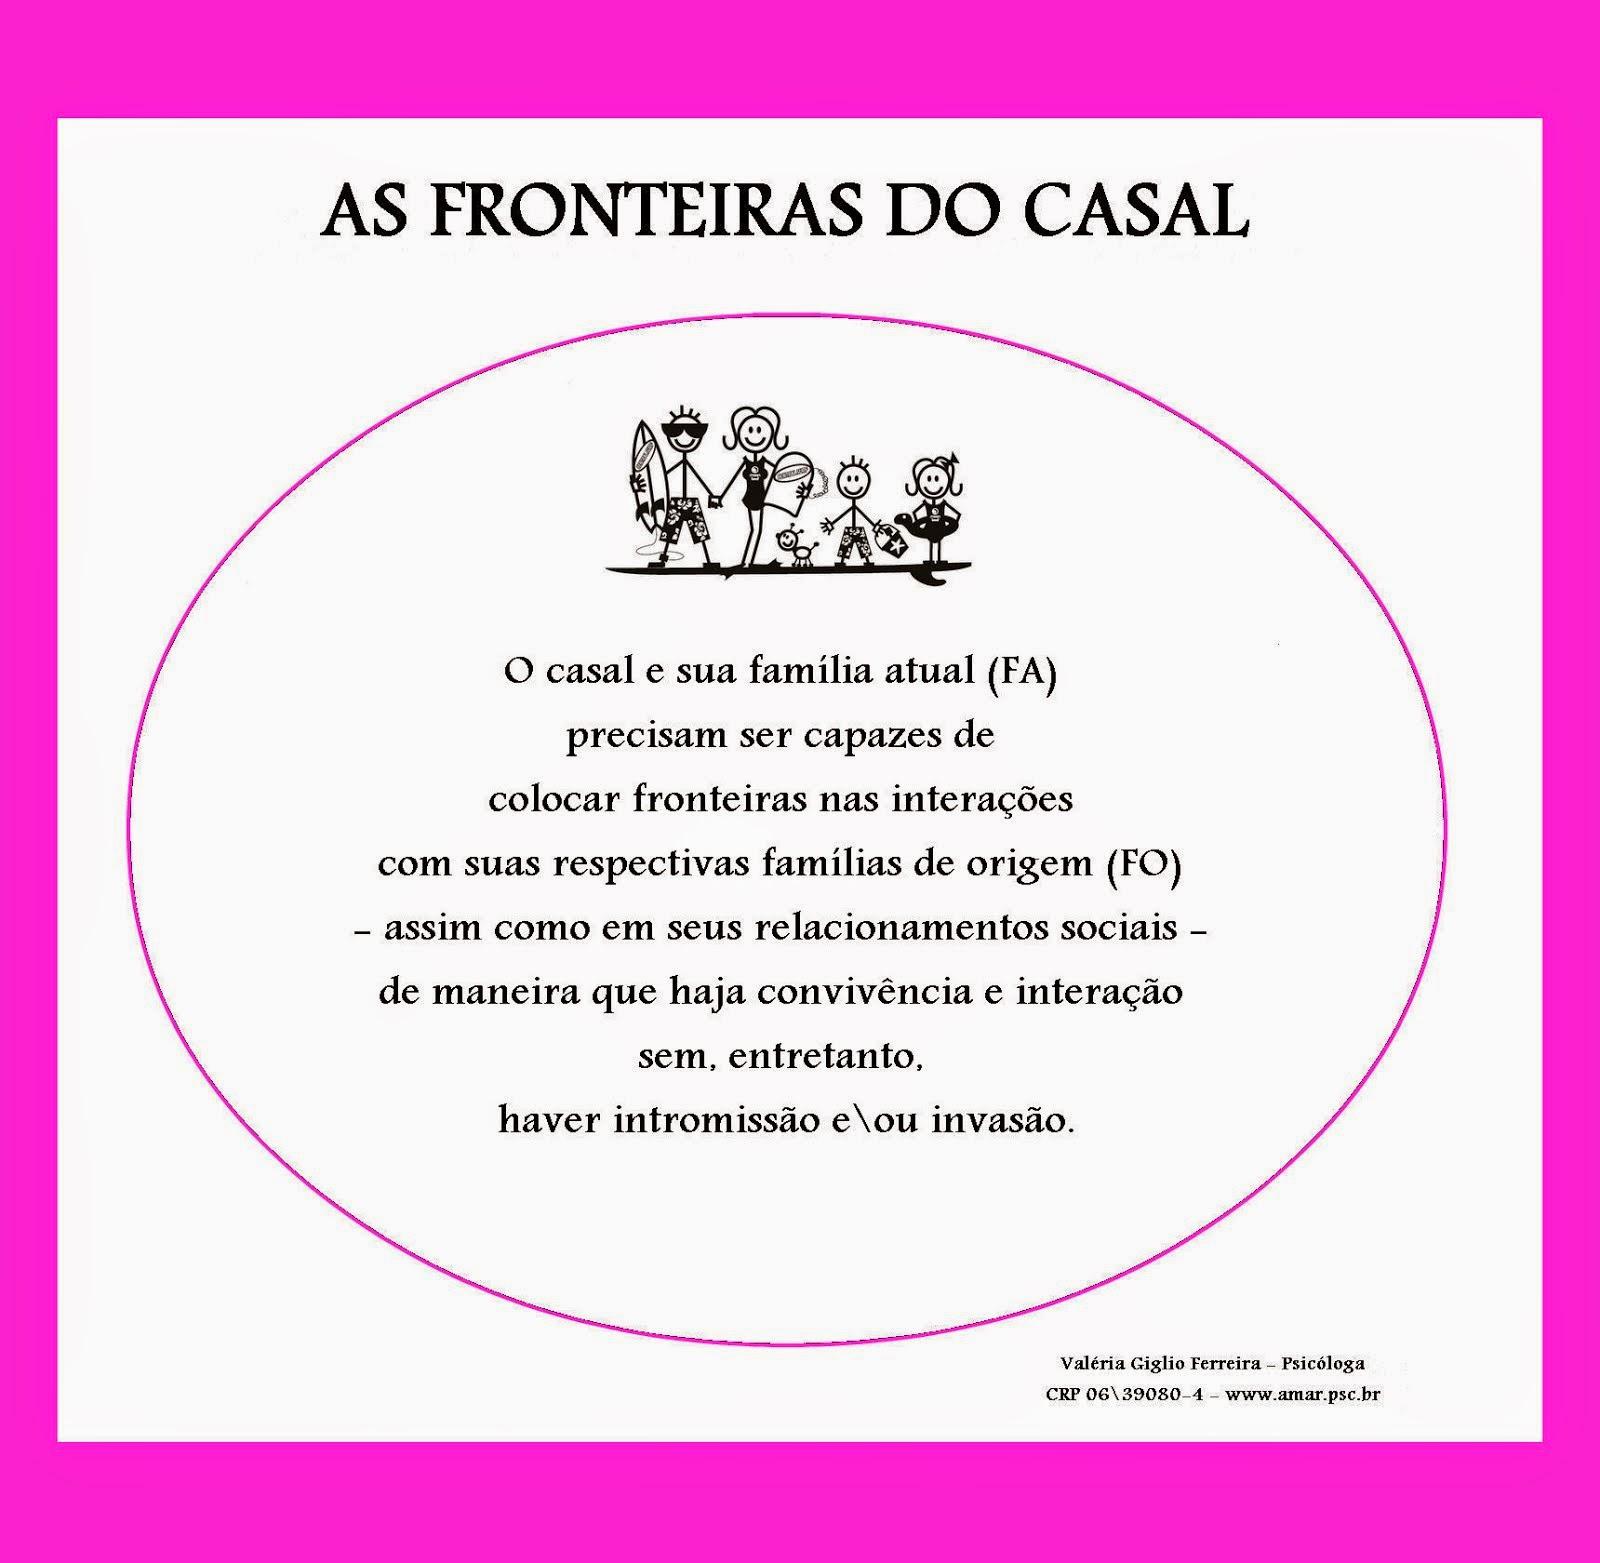 AS FRONTEIRAS QUE O CASAL  PRECISA COLOCAR...O